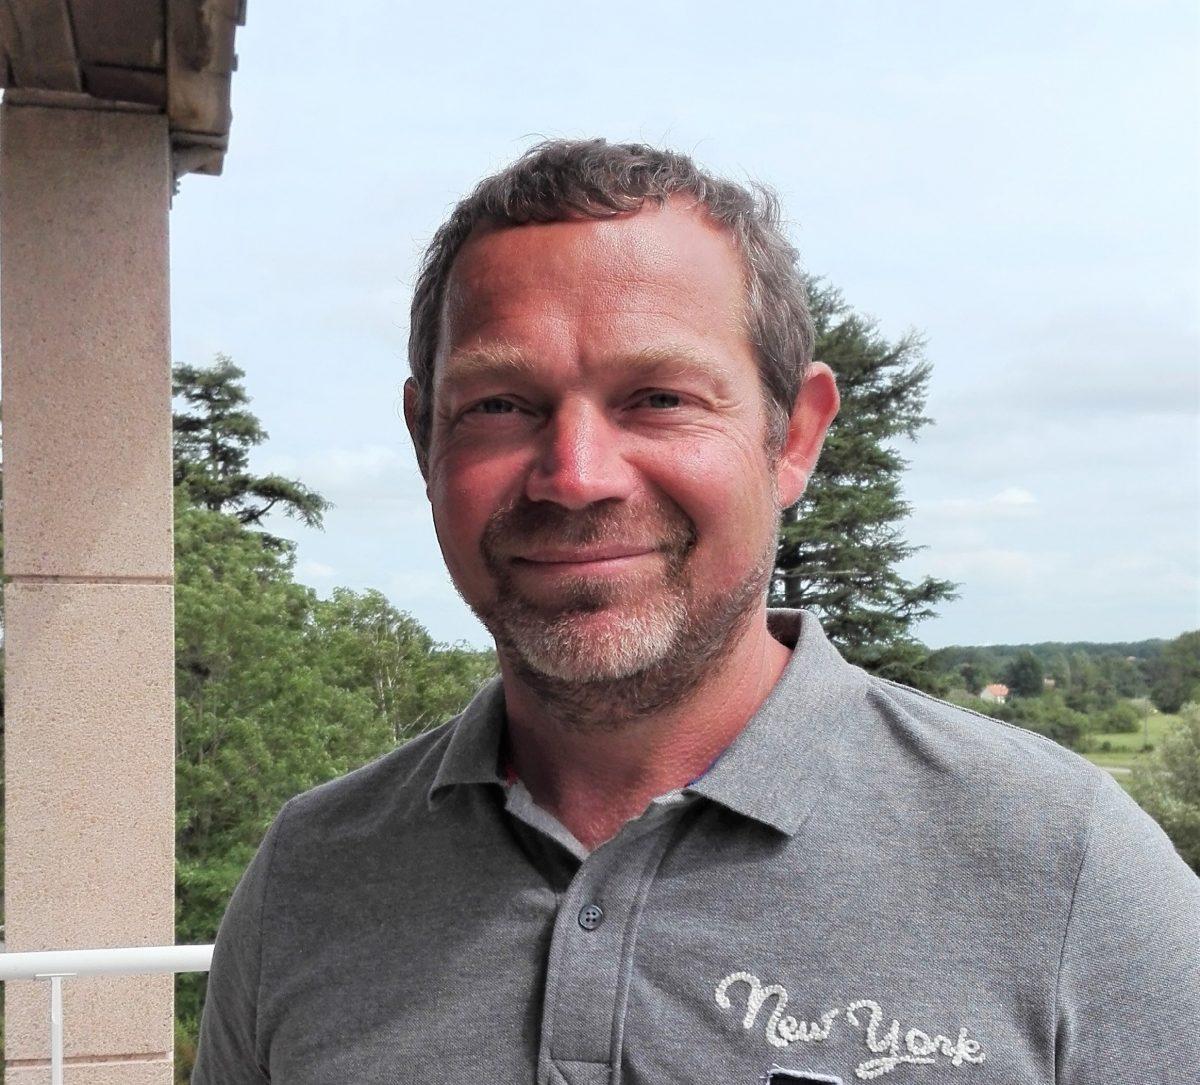 Guillaume poinot nouveau président de la CR86